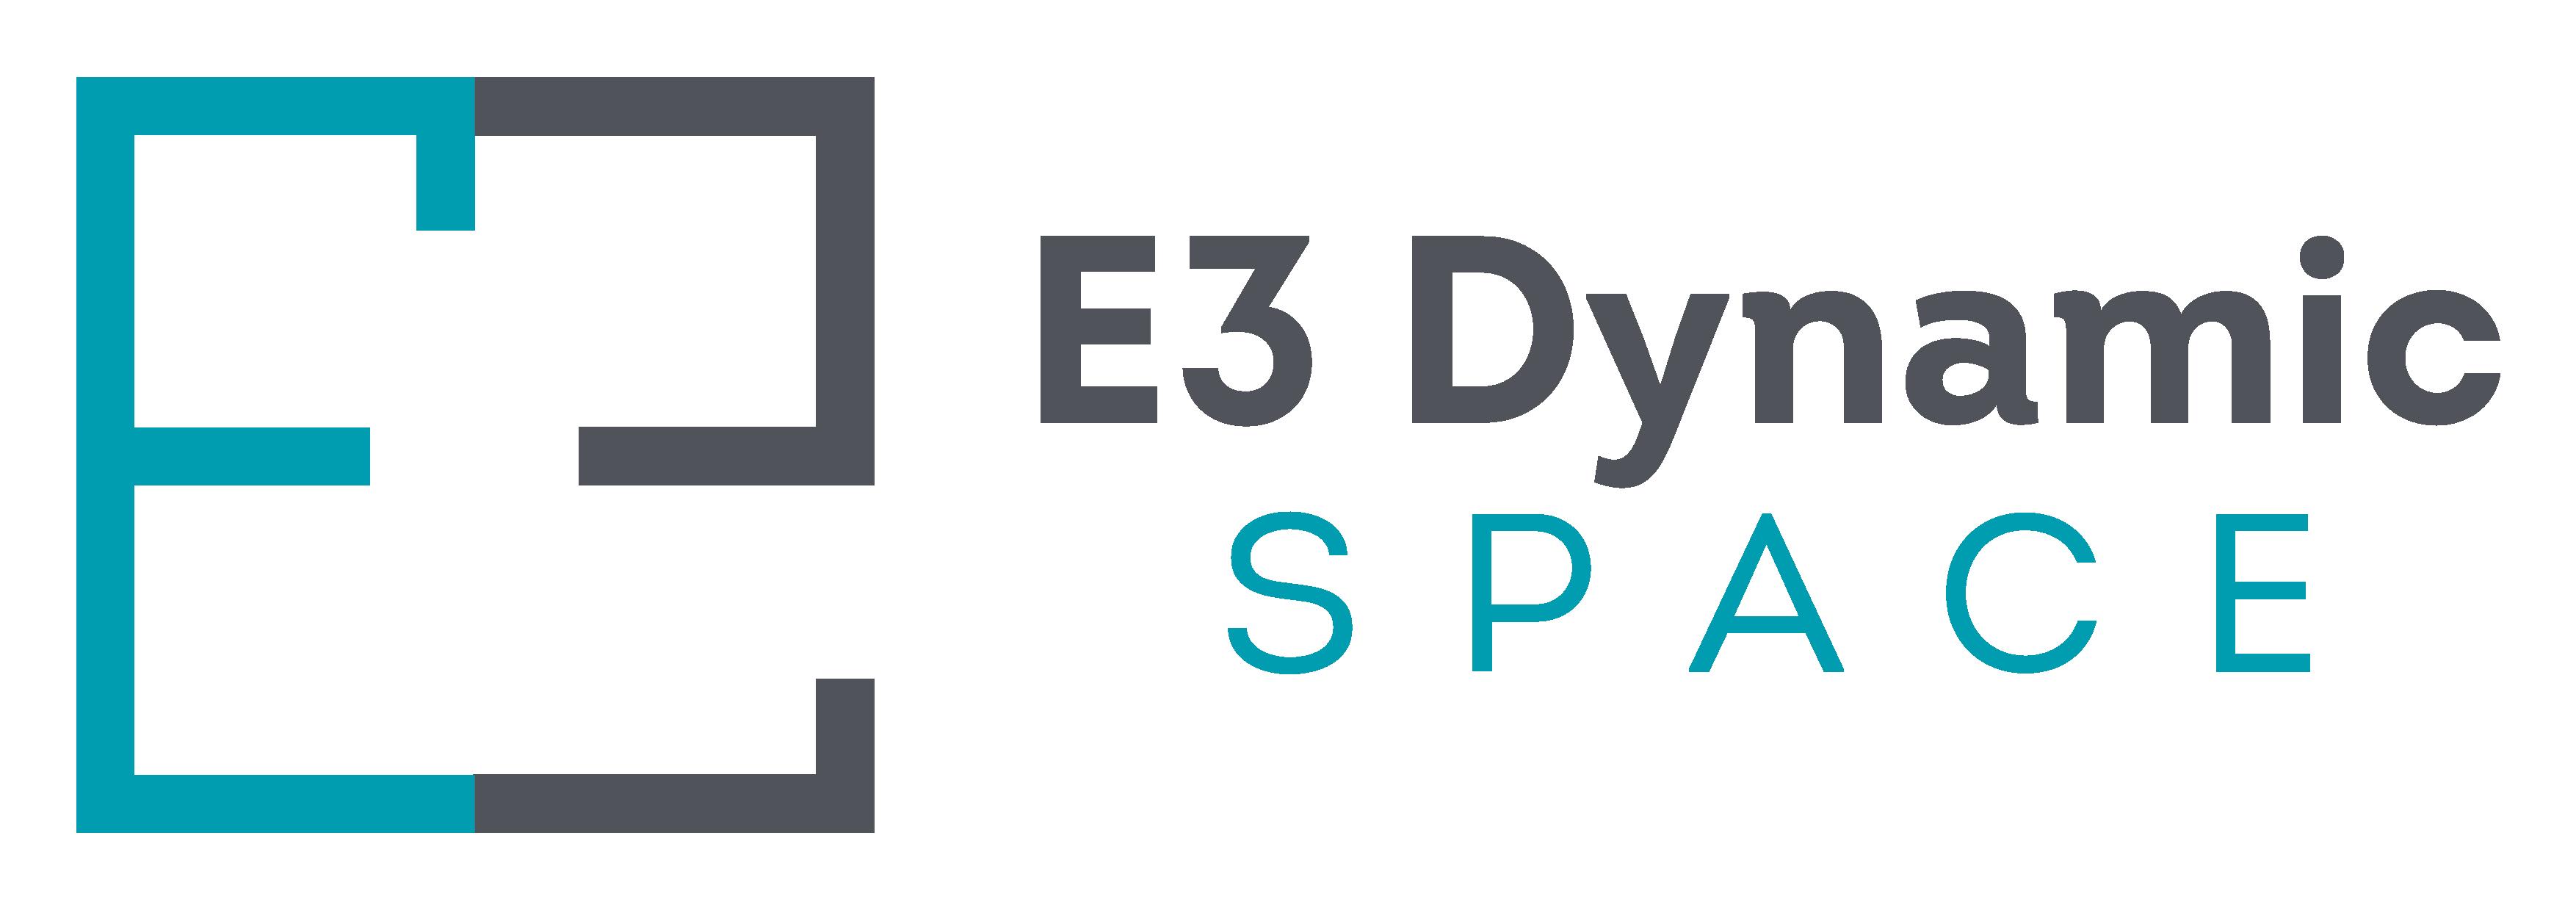 E3 Dynamic